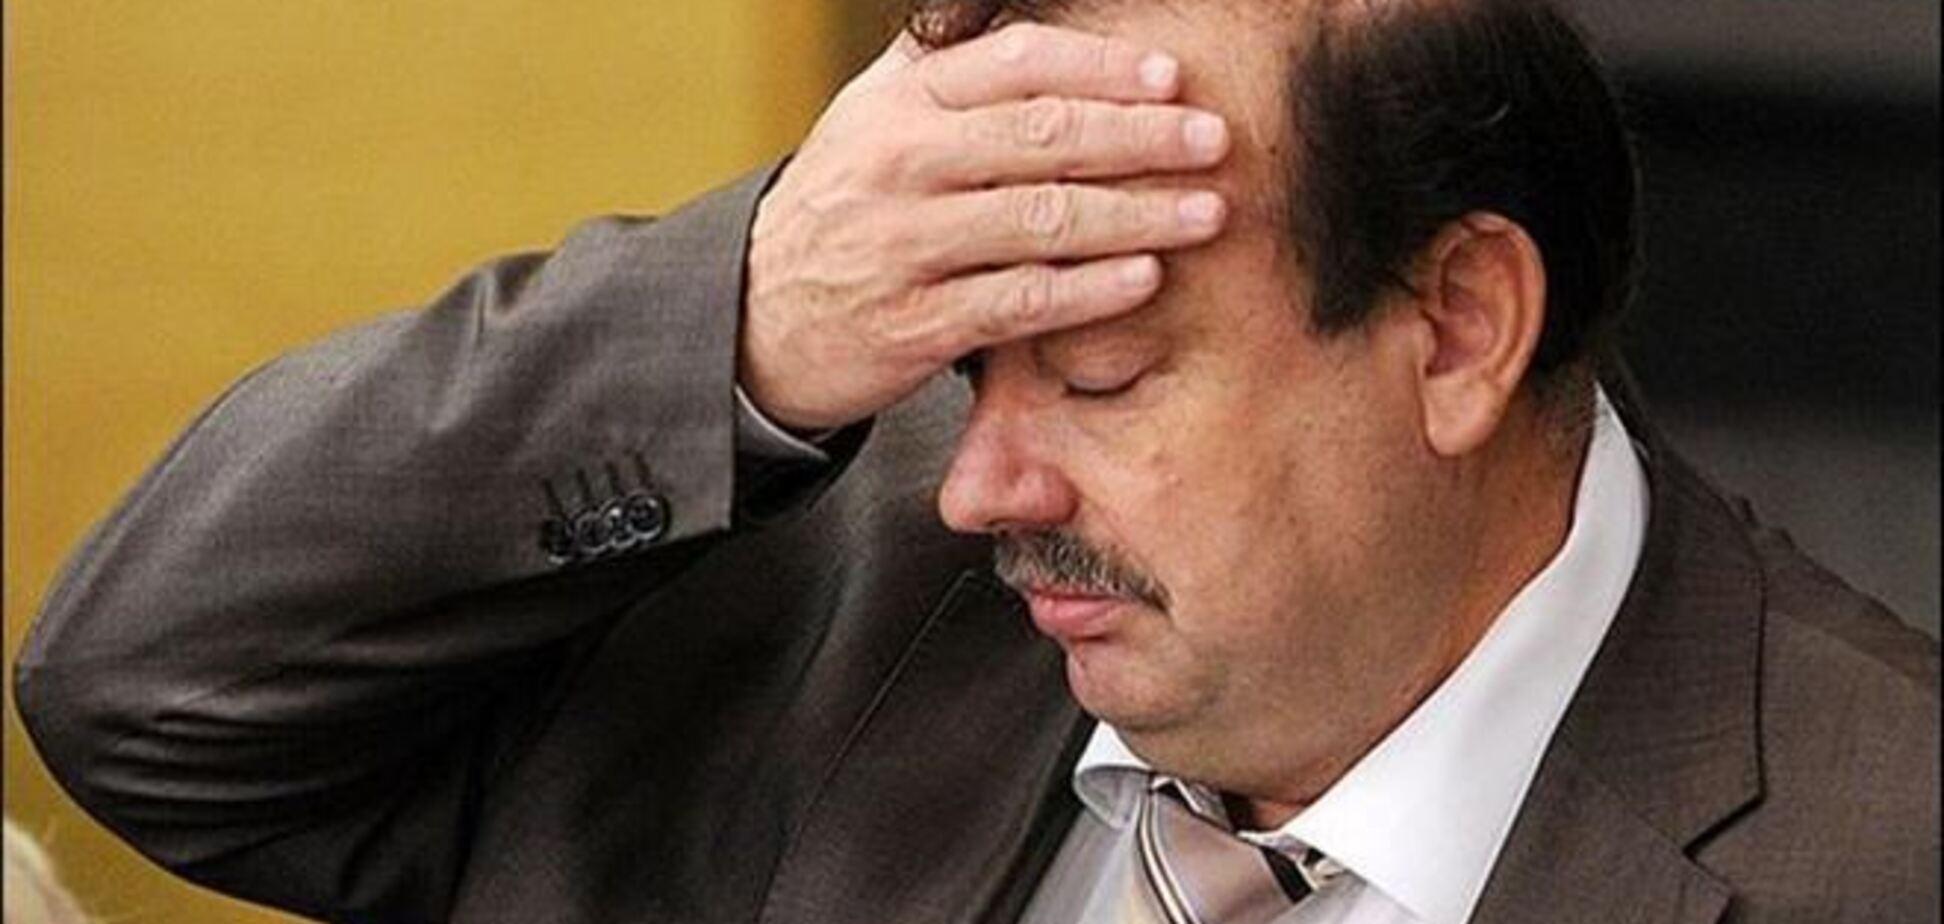 Российский политик: решение о введении войск в Украину опаснее, чем Афганистан